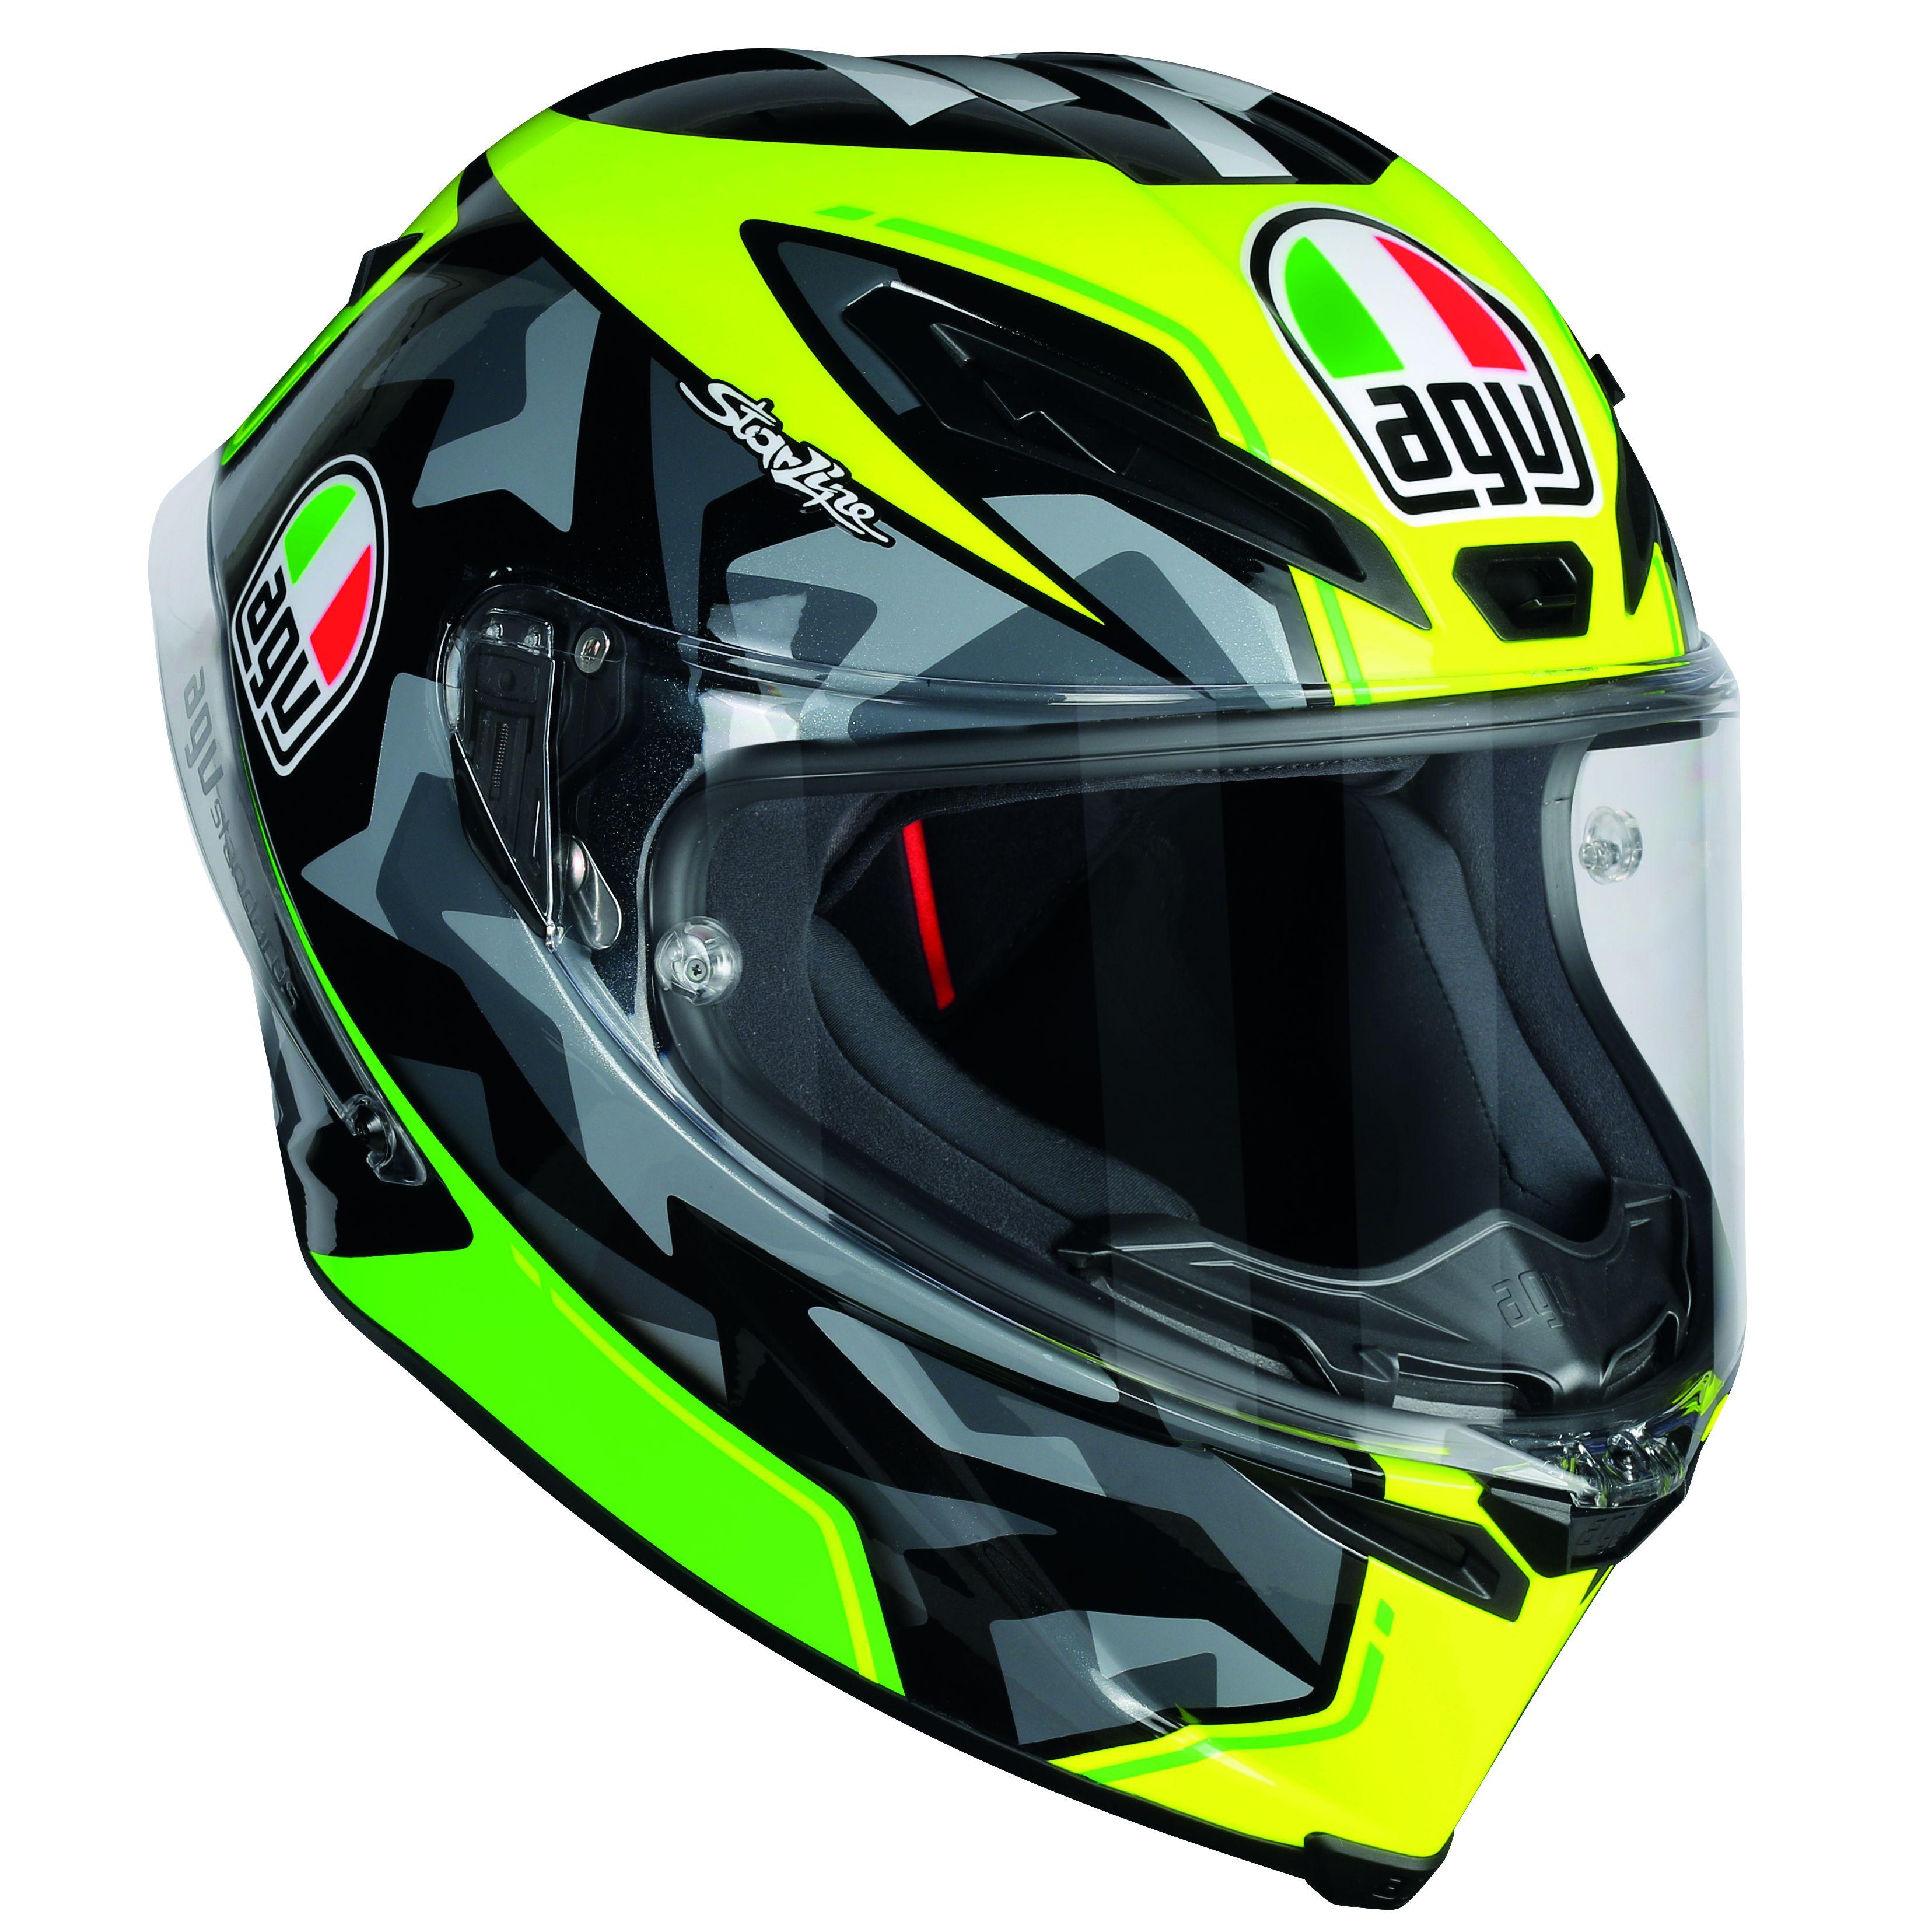 Casco agv corsa r espargaro 2016 cascos scooter for Cascos de cocina baratos